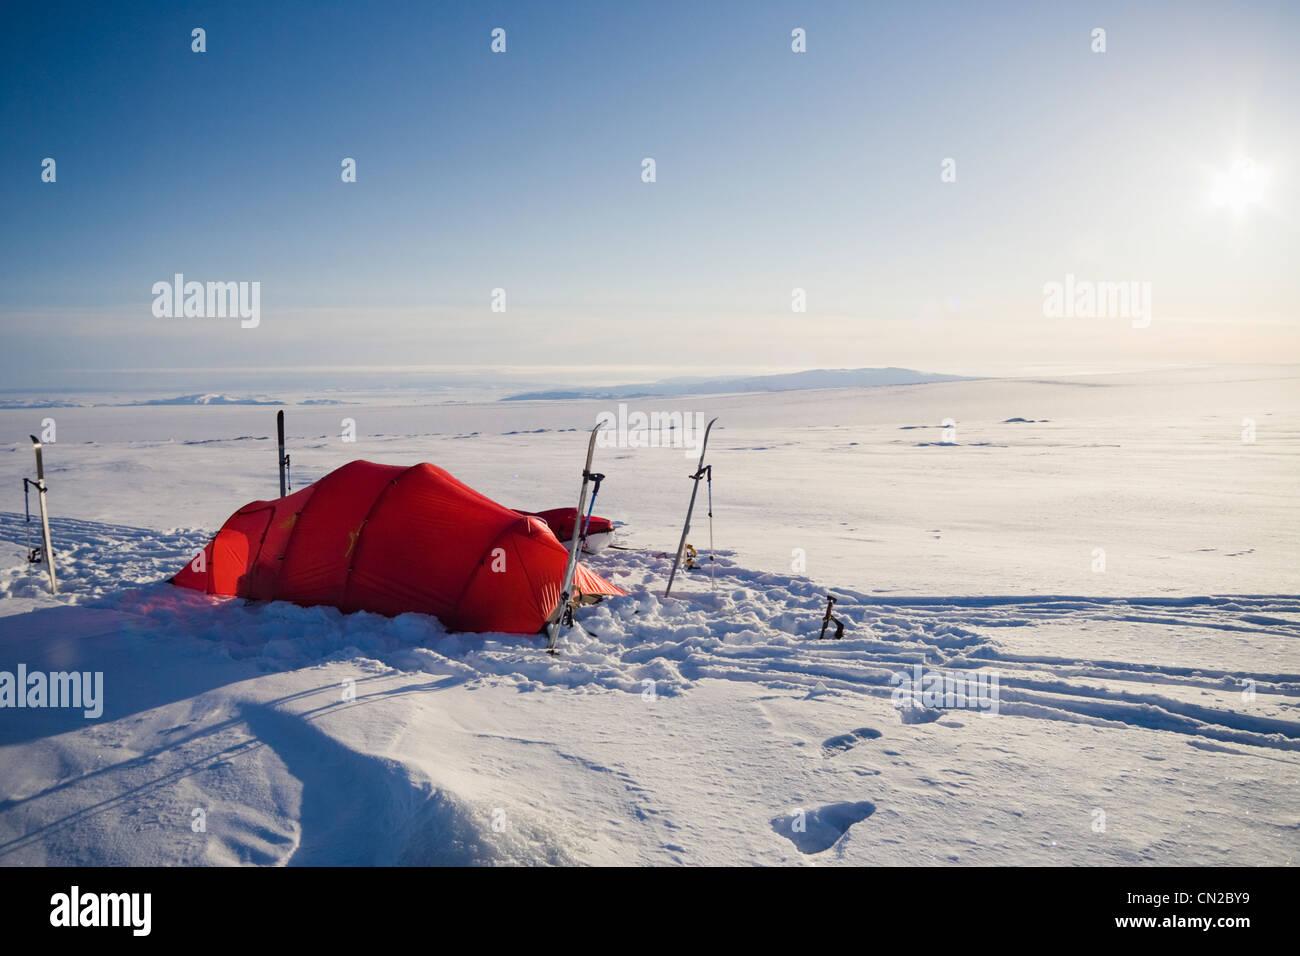 Expedición Polar tienda el casquete de hielo, Groenlandia Imagen De Stock